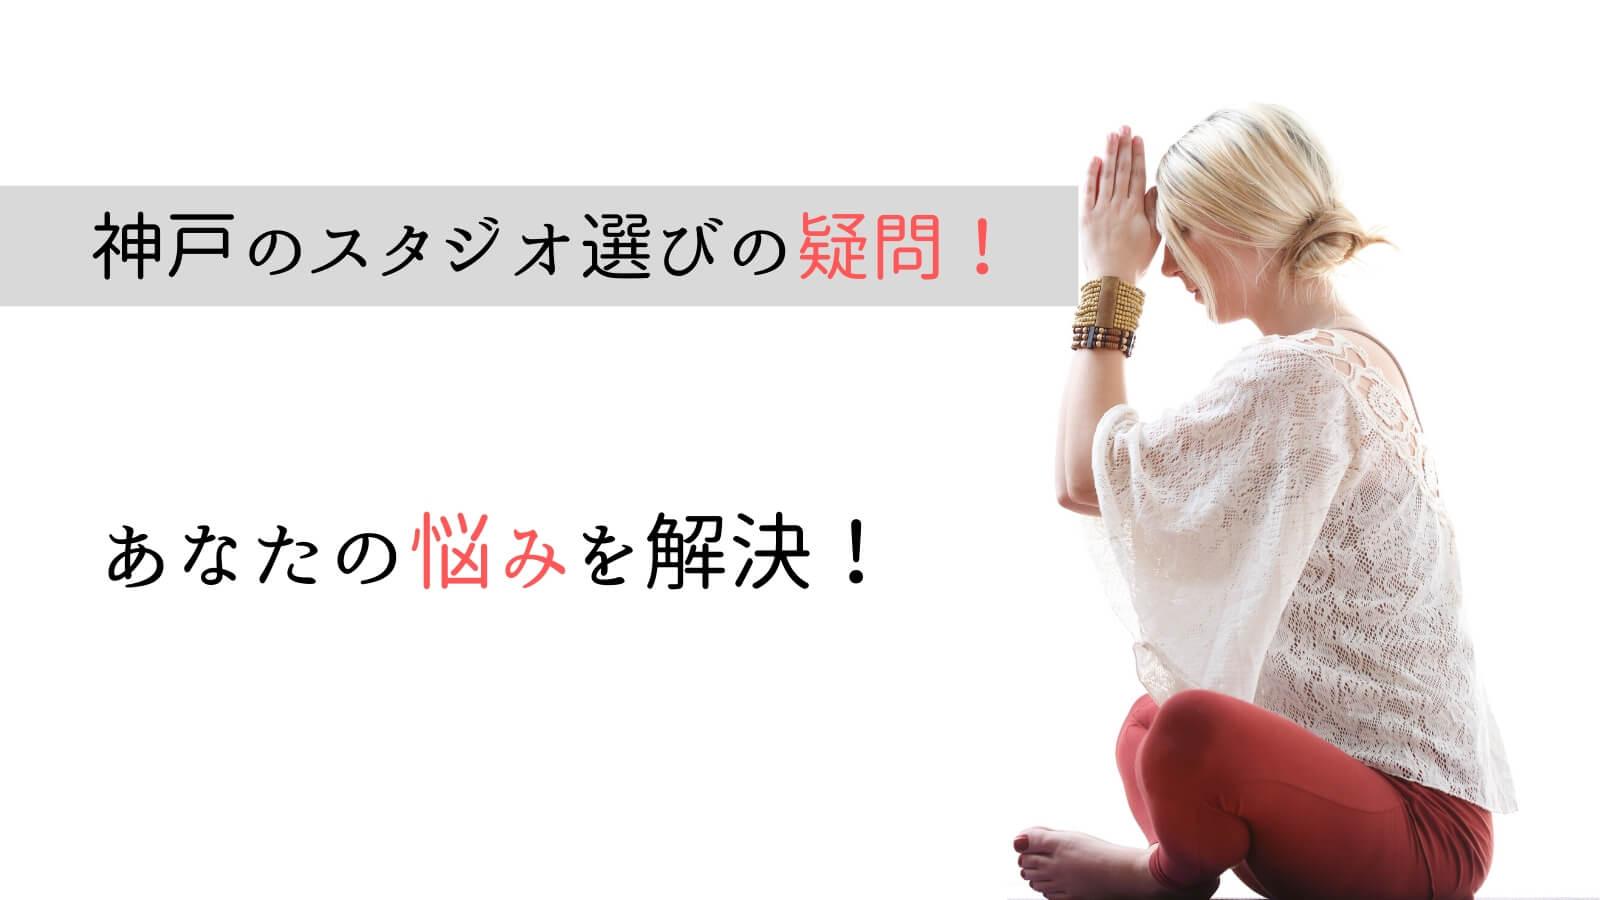 神戸でのピラティススタジオ選びに関するQ&A